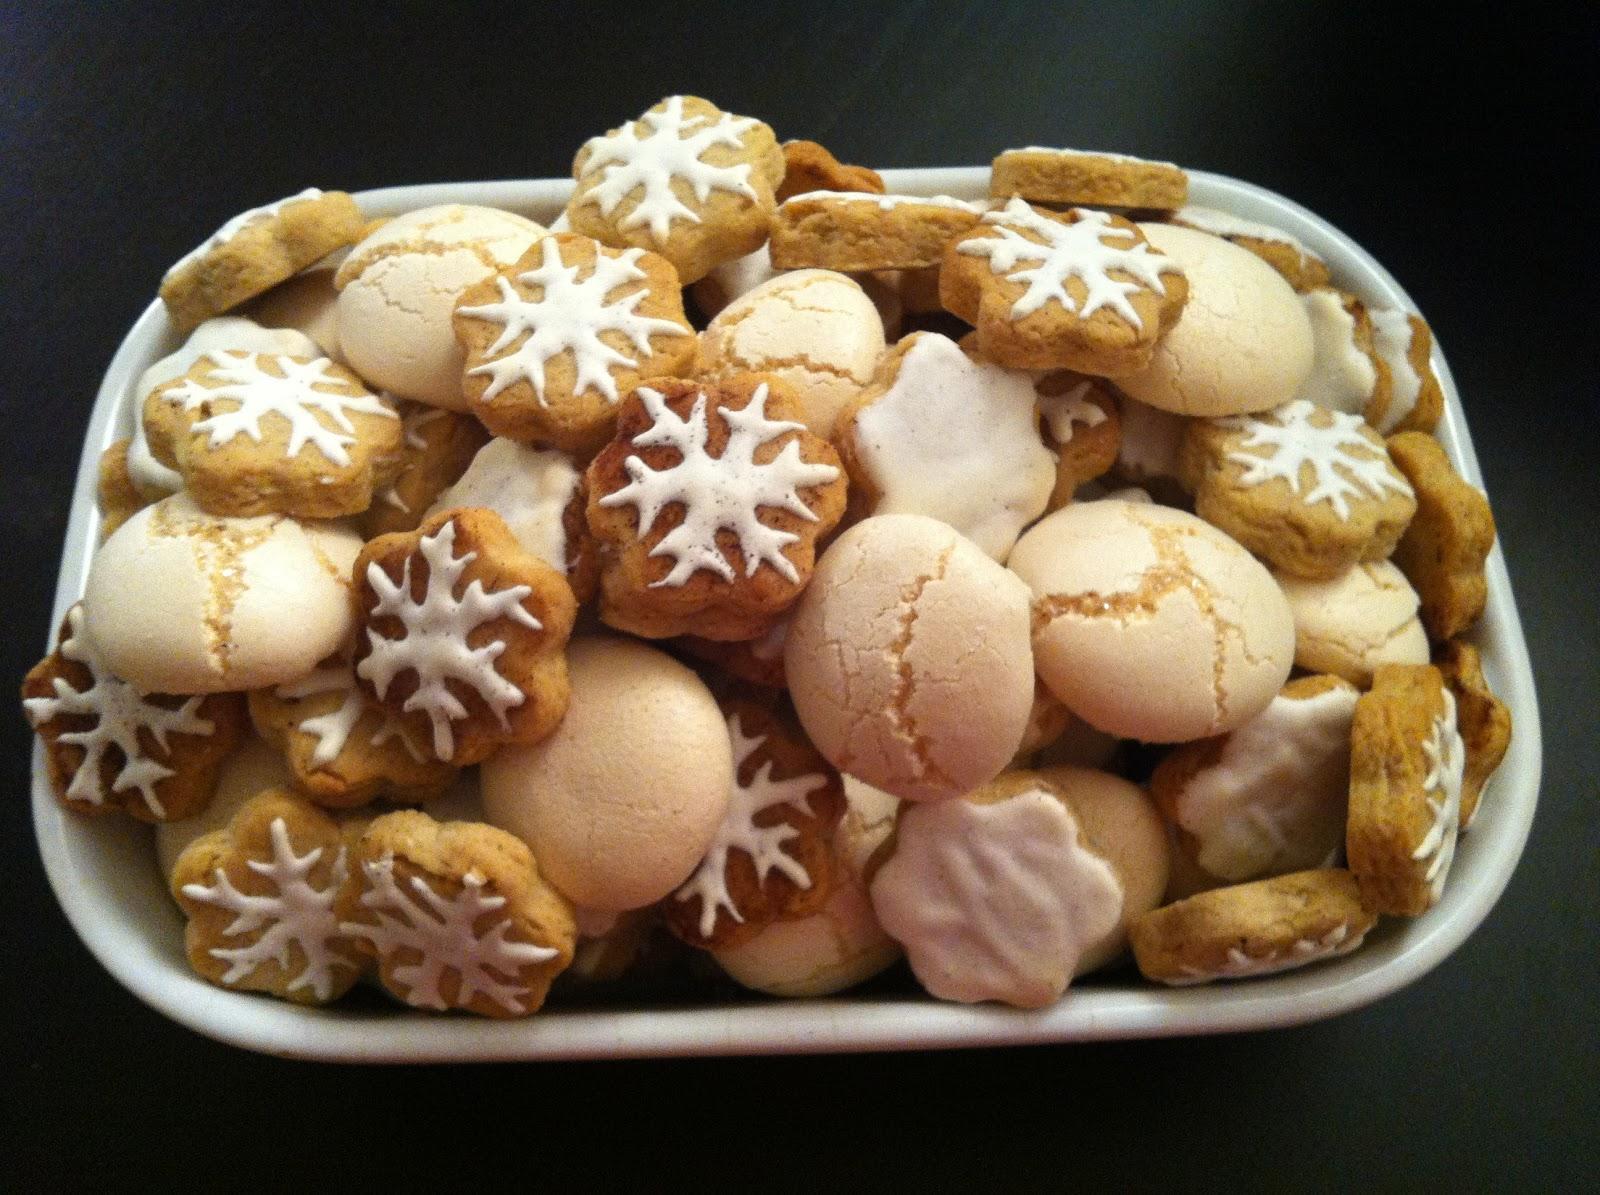 Ingrédients pour les biscuits de Noël  125g de beurre/ 125g de sucre en poudre/ 1 oeuf/ 125g de poudre damande/ 75g damandes effilées ou émondées/ 1